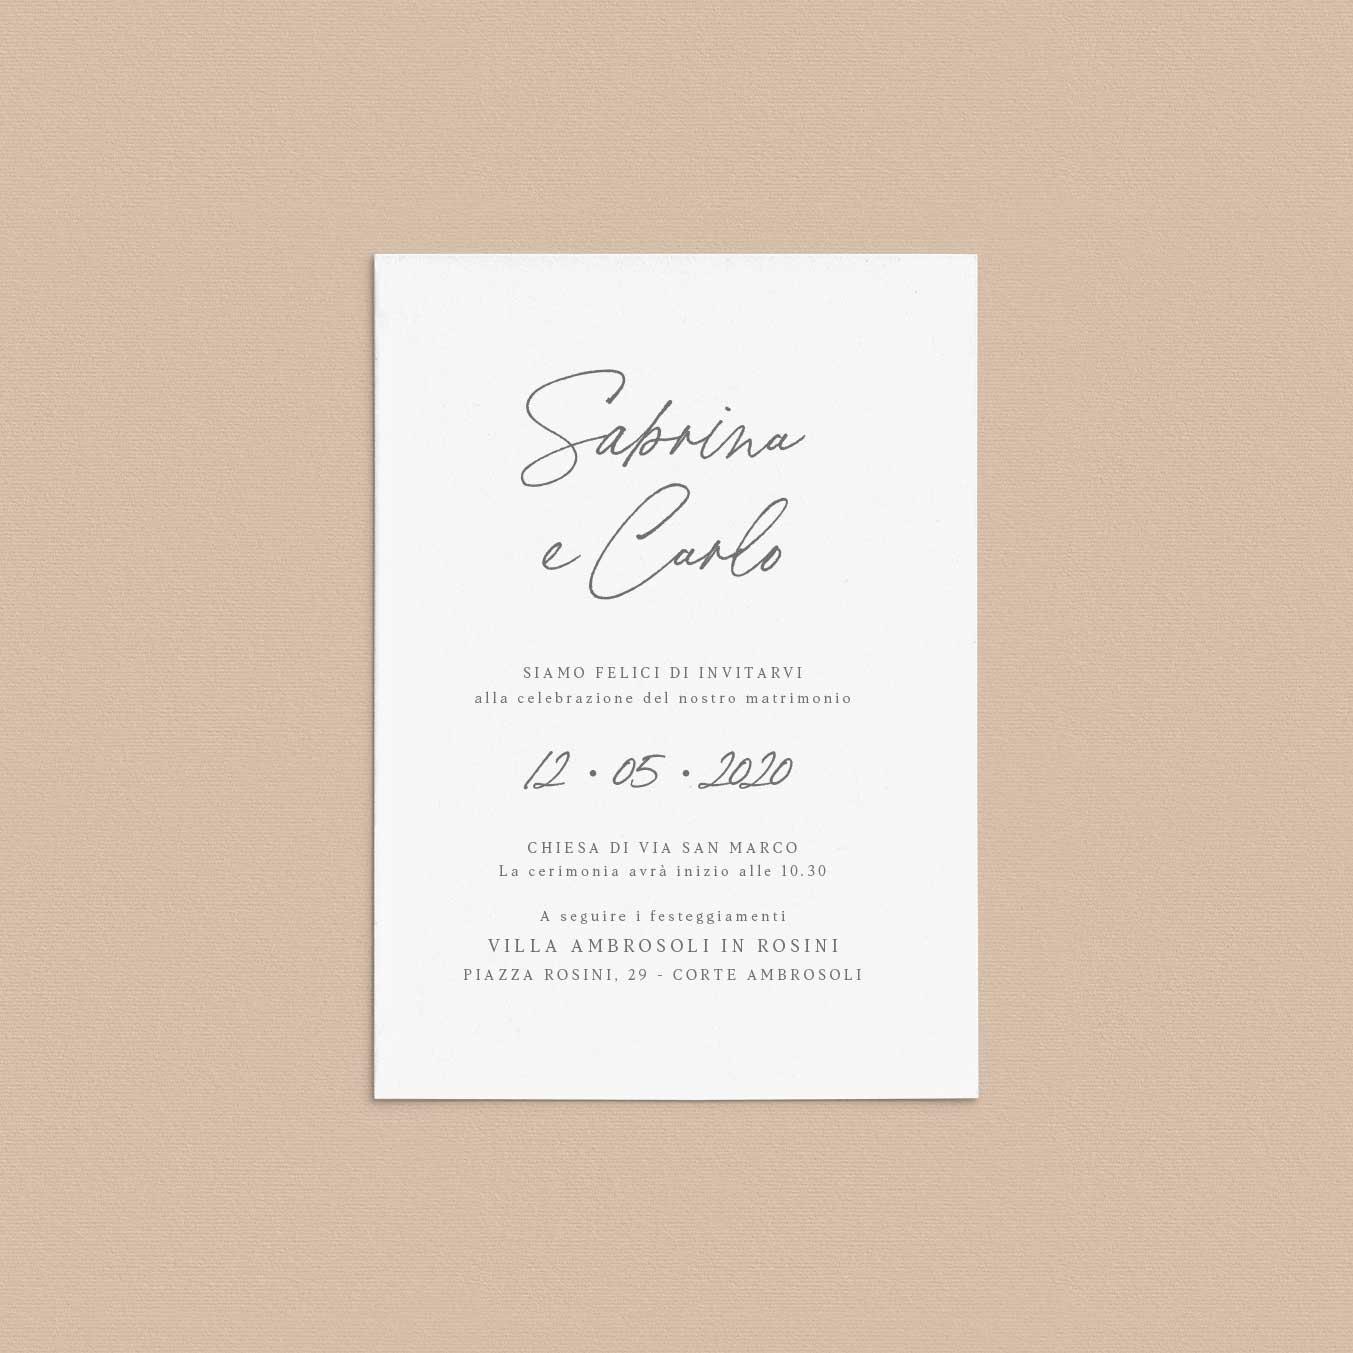 Partecipazioni-di-nozze-invito-di-matrimonio-Boho-Chic-Shabby-personalizzate-moderne-verde-rustico-rustic-vintage